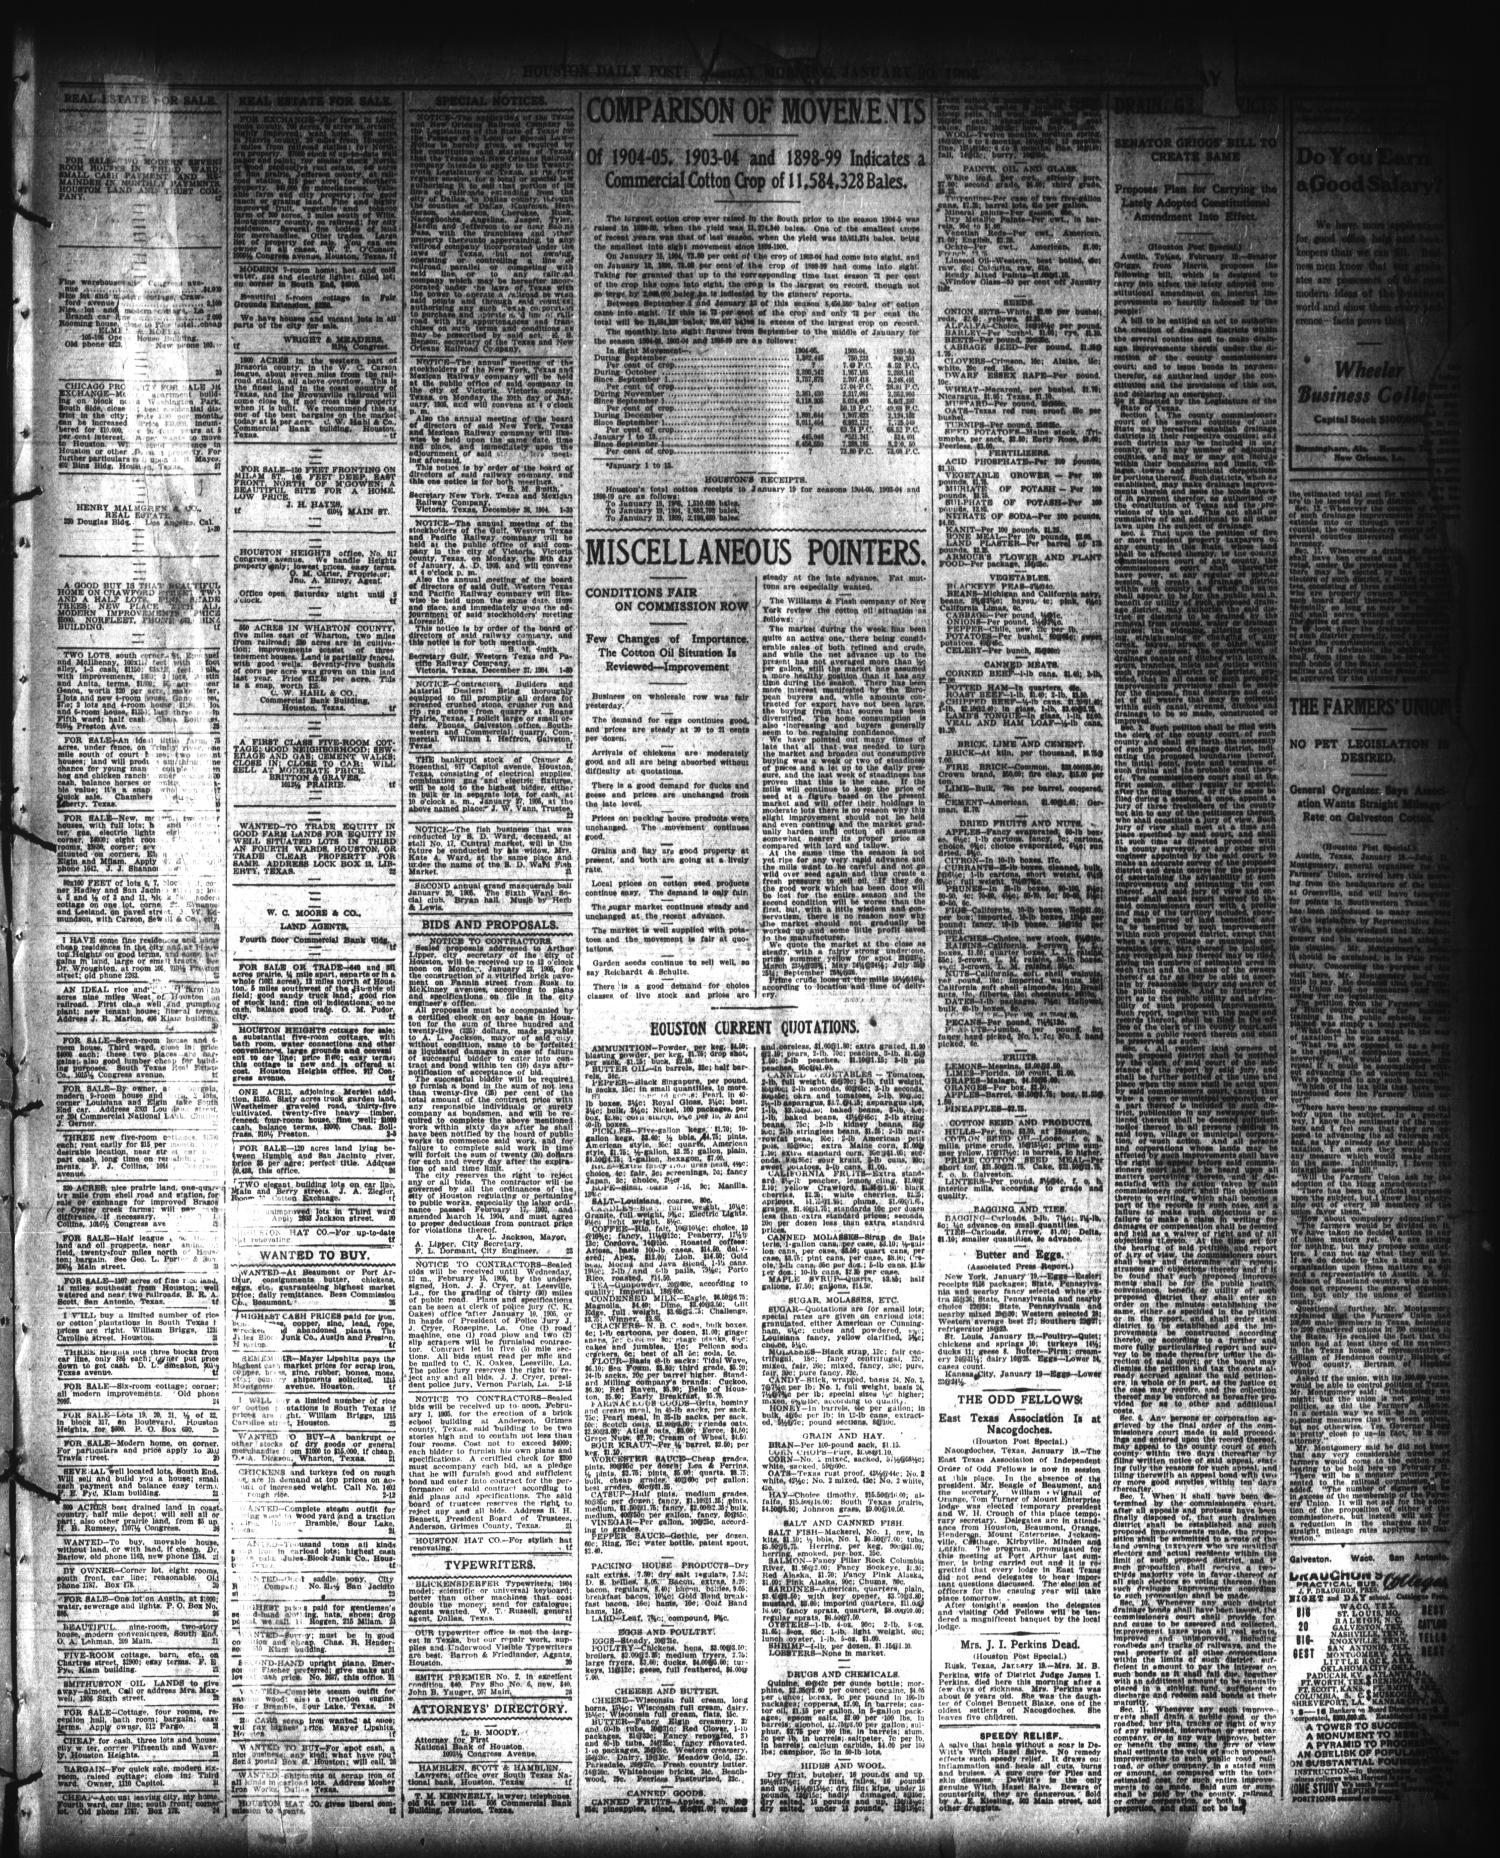 the houston post houston tex vol 20 no 311 ed 1 friday rh texashistory unt edu